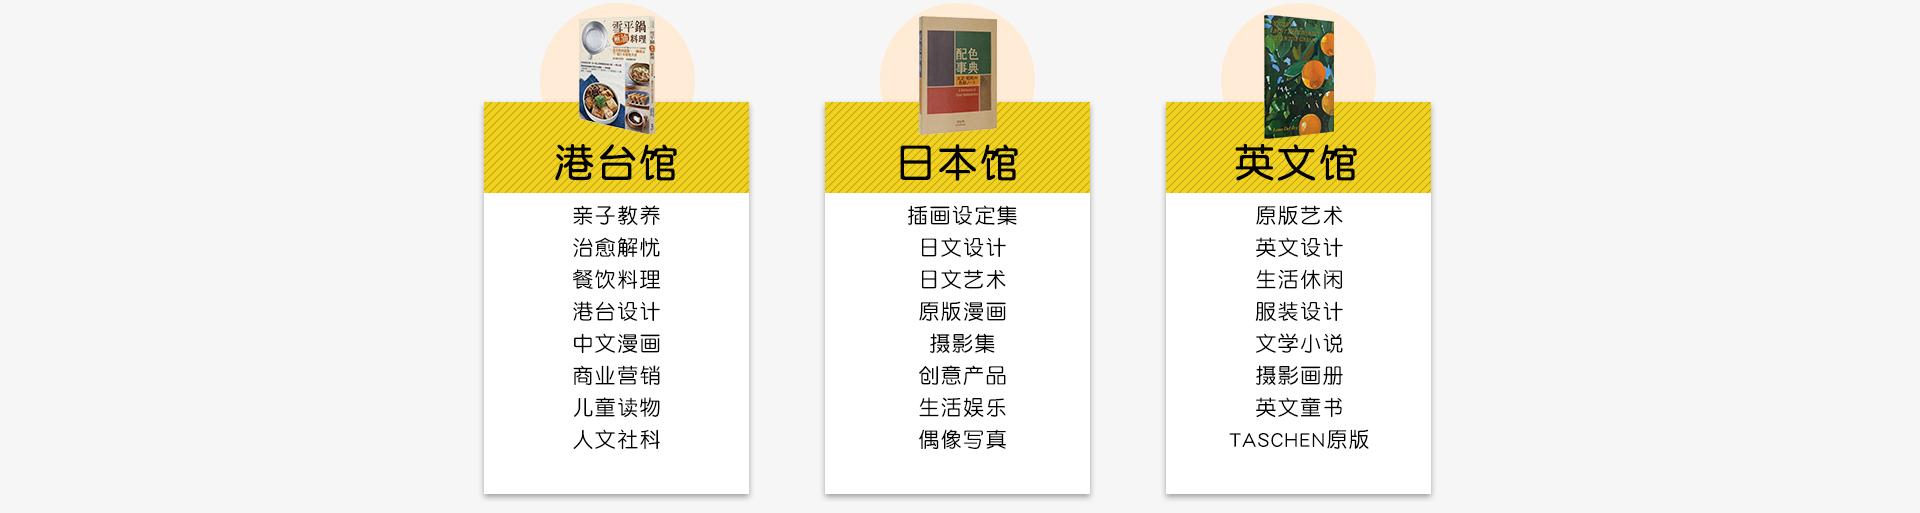 DD金哈达-店内分类.jpg